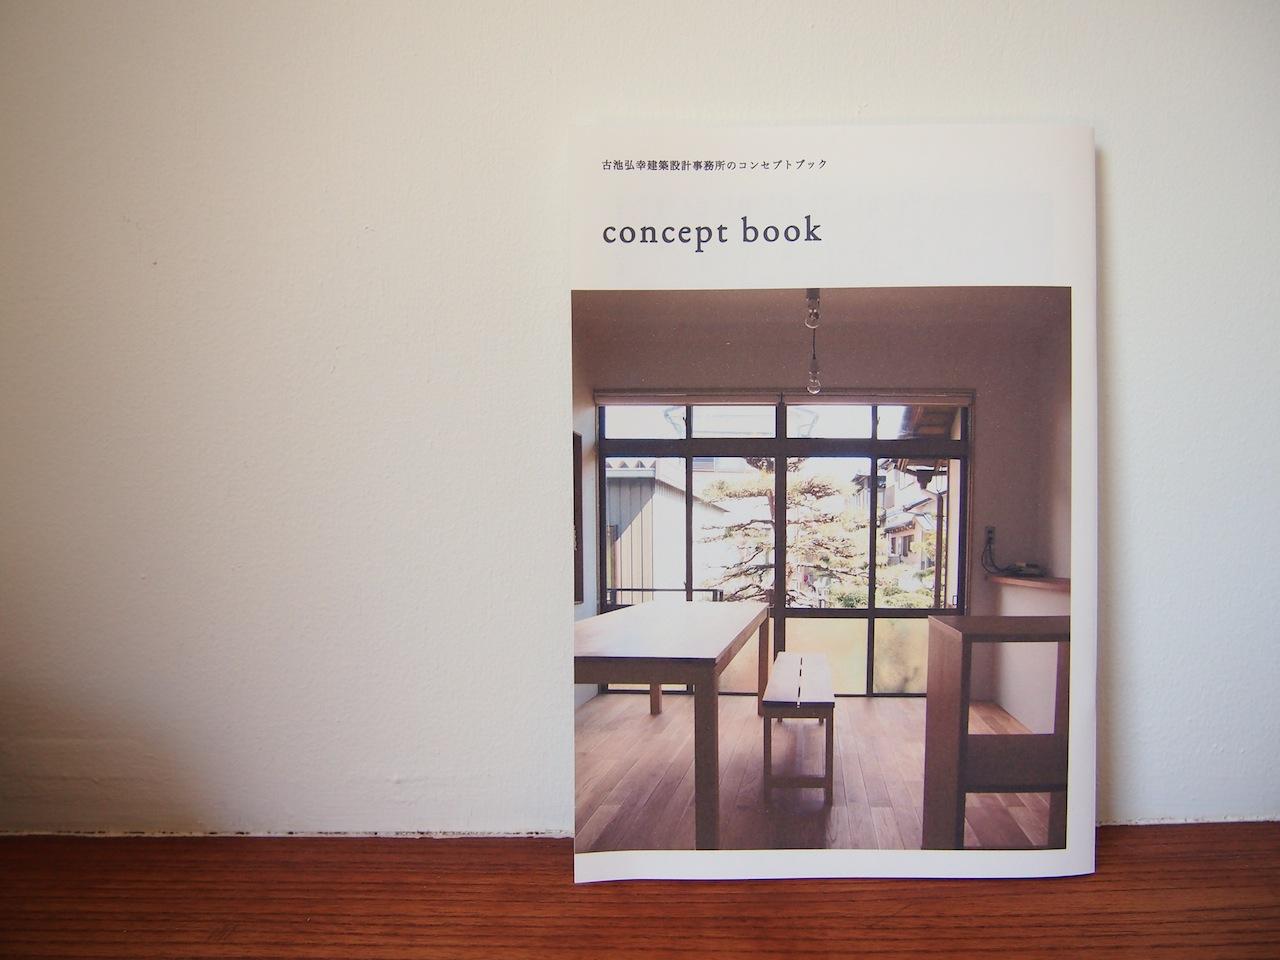 コンセプトブック06